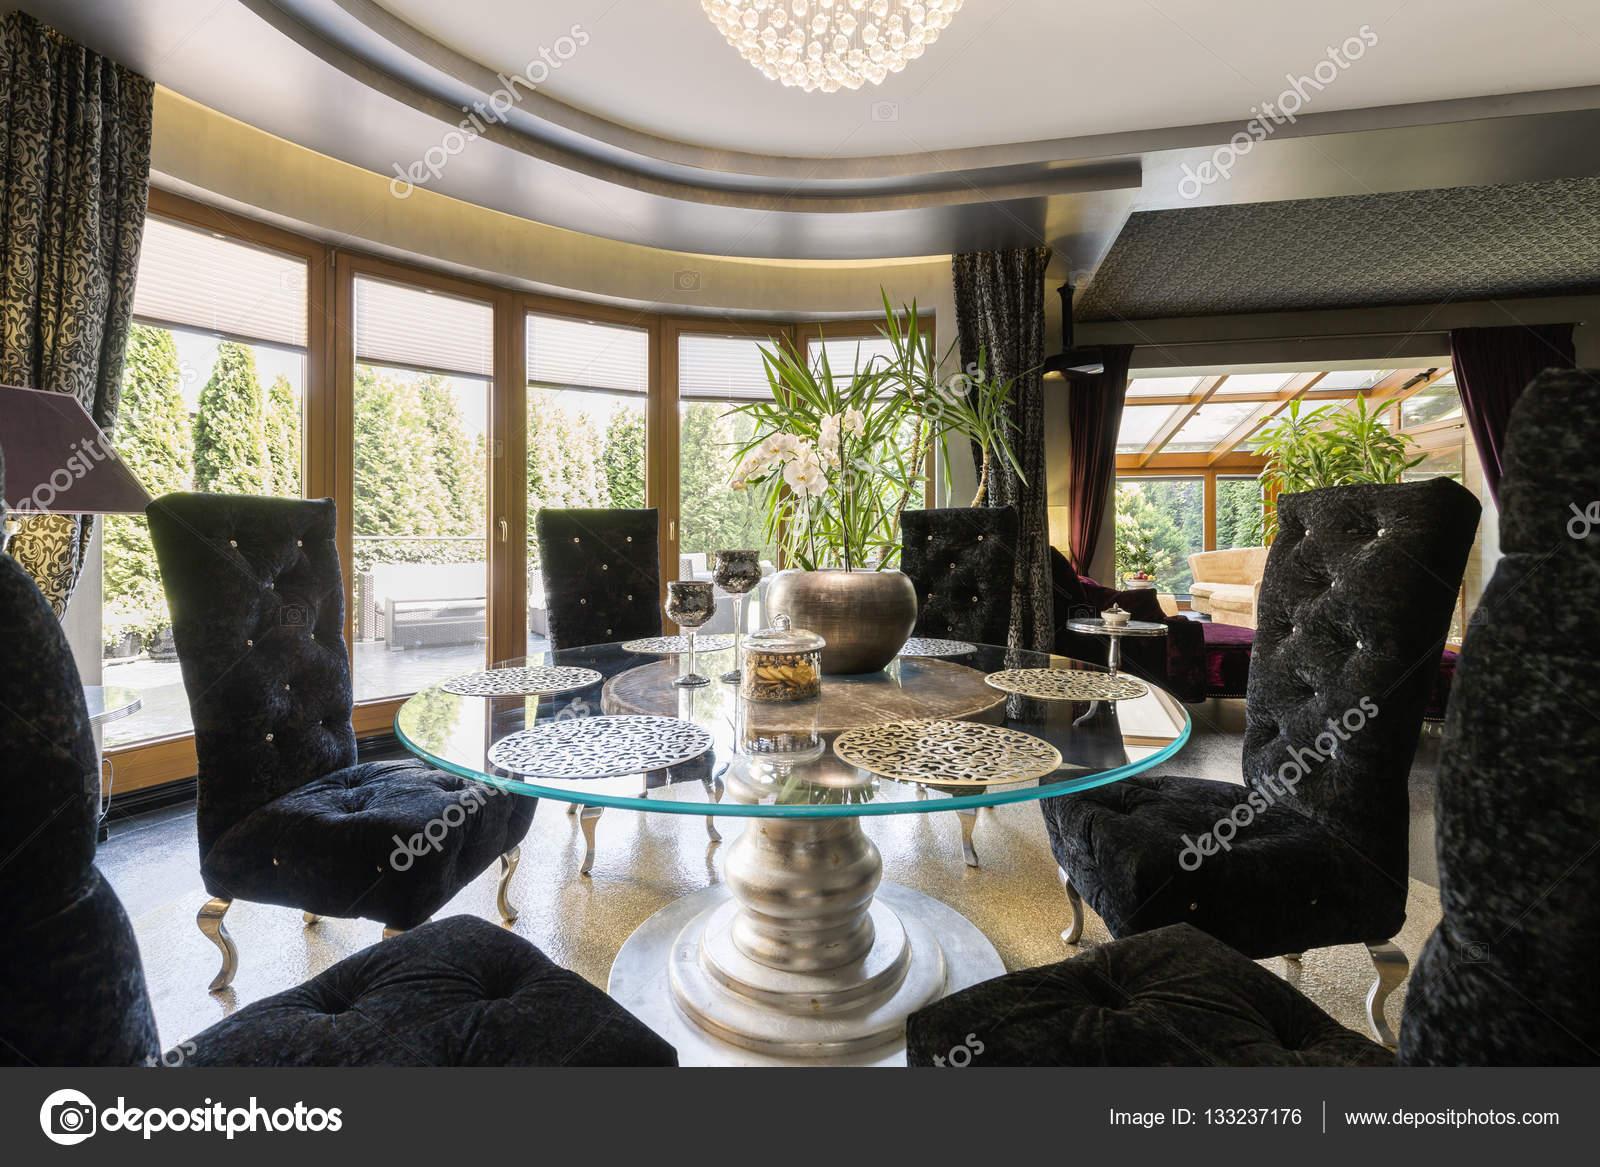 Luxus Esszimmer Mit Glastisch Stockfoto C Photographee Eu 133237176